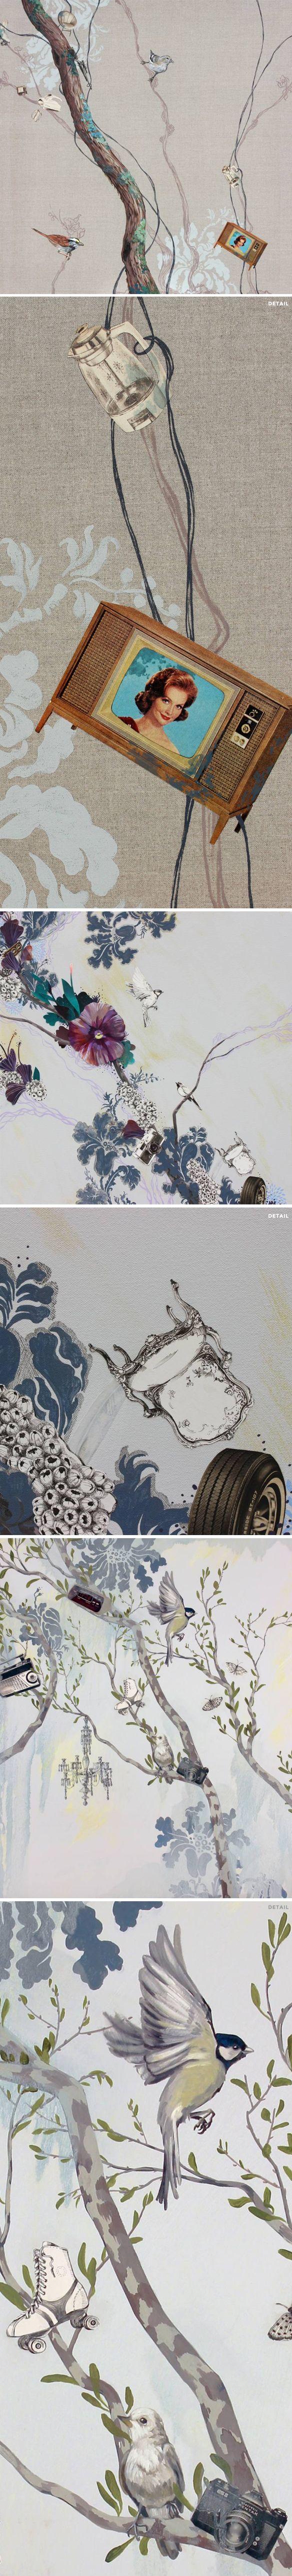 lauren matsumoto